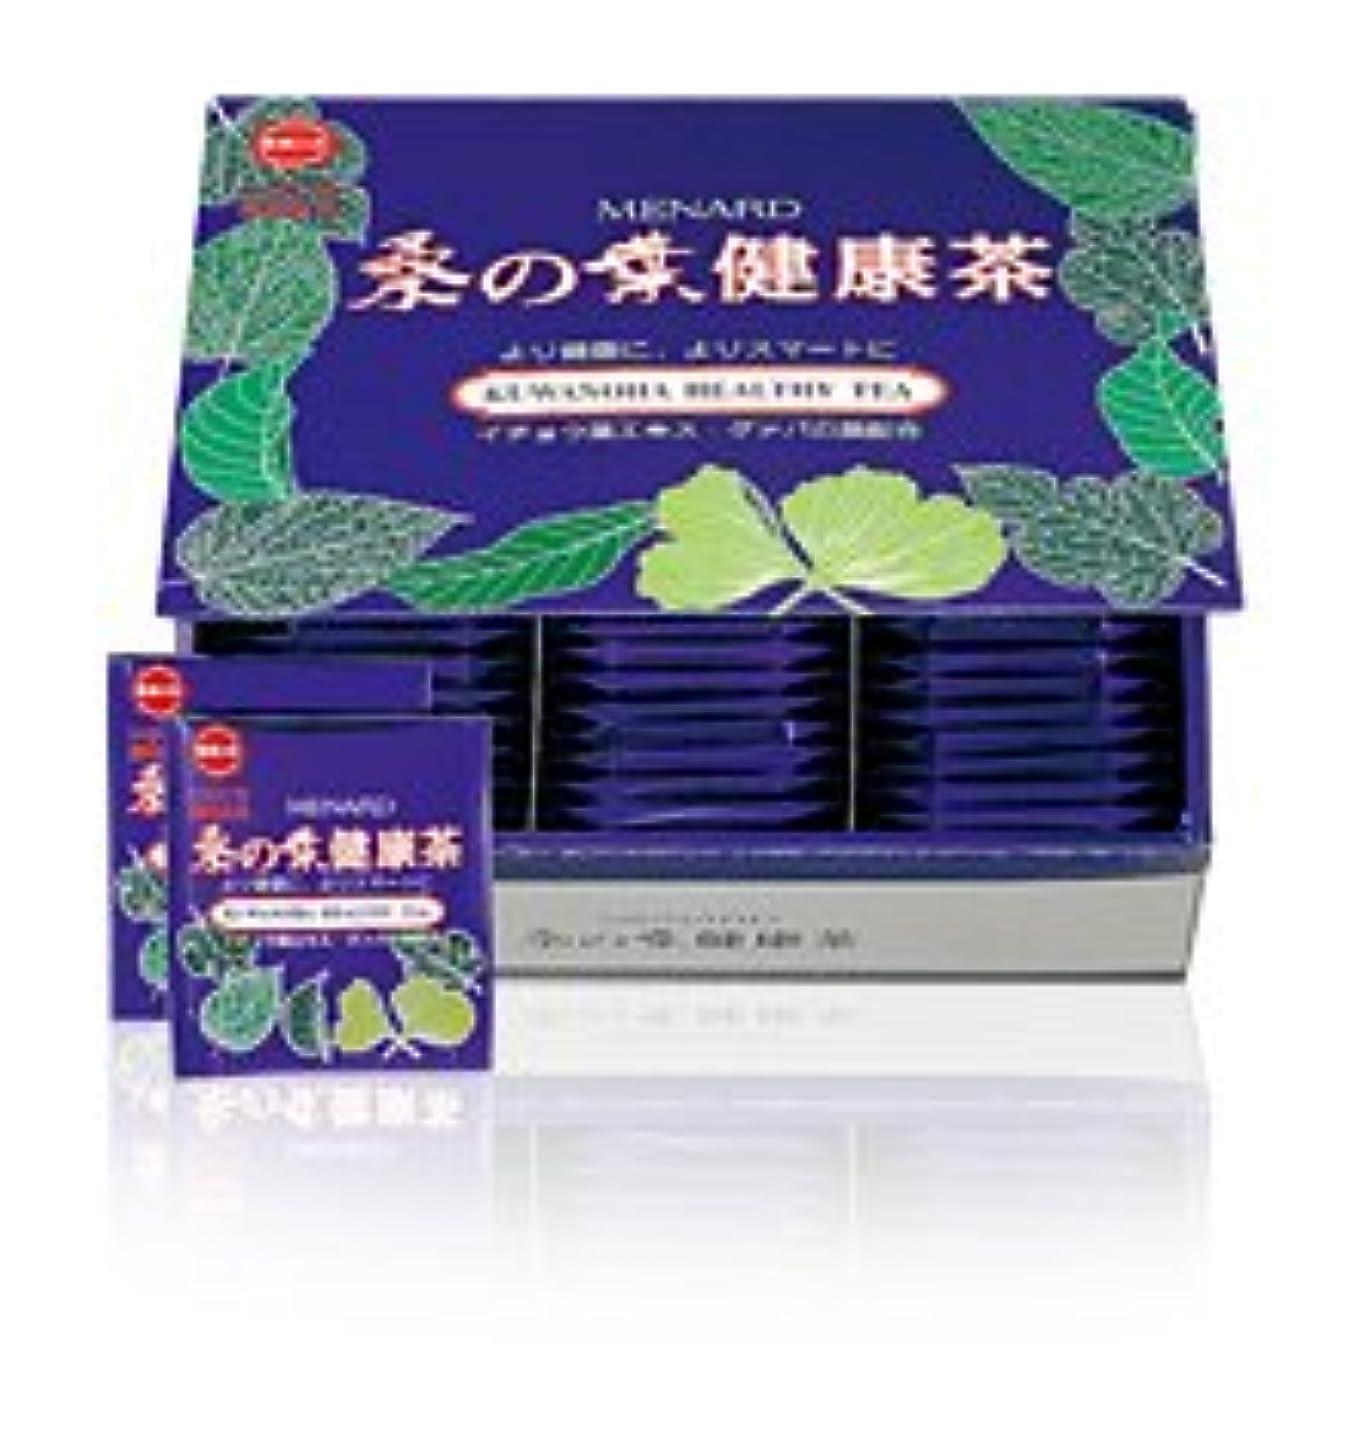 不安生じる騒ぎメナード 桑の葉健康茶(75袋入) [並行輸入品]